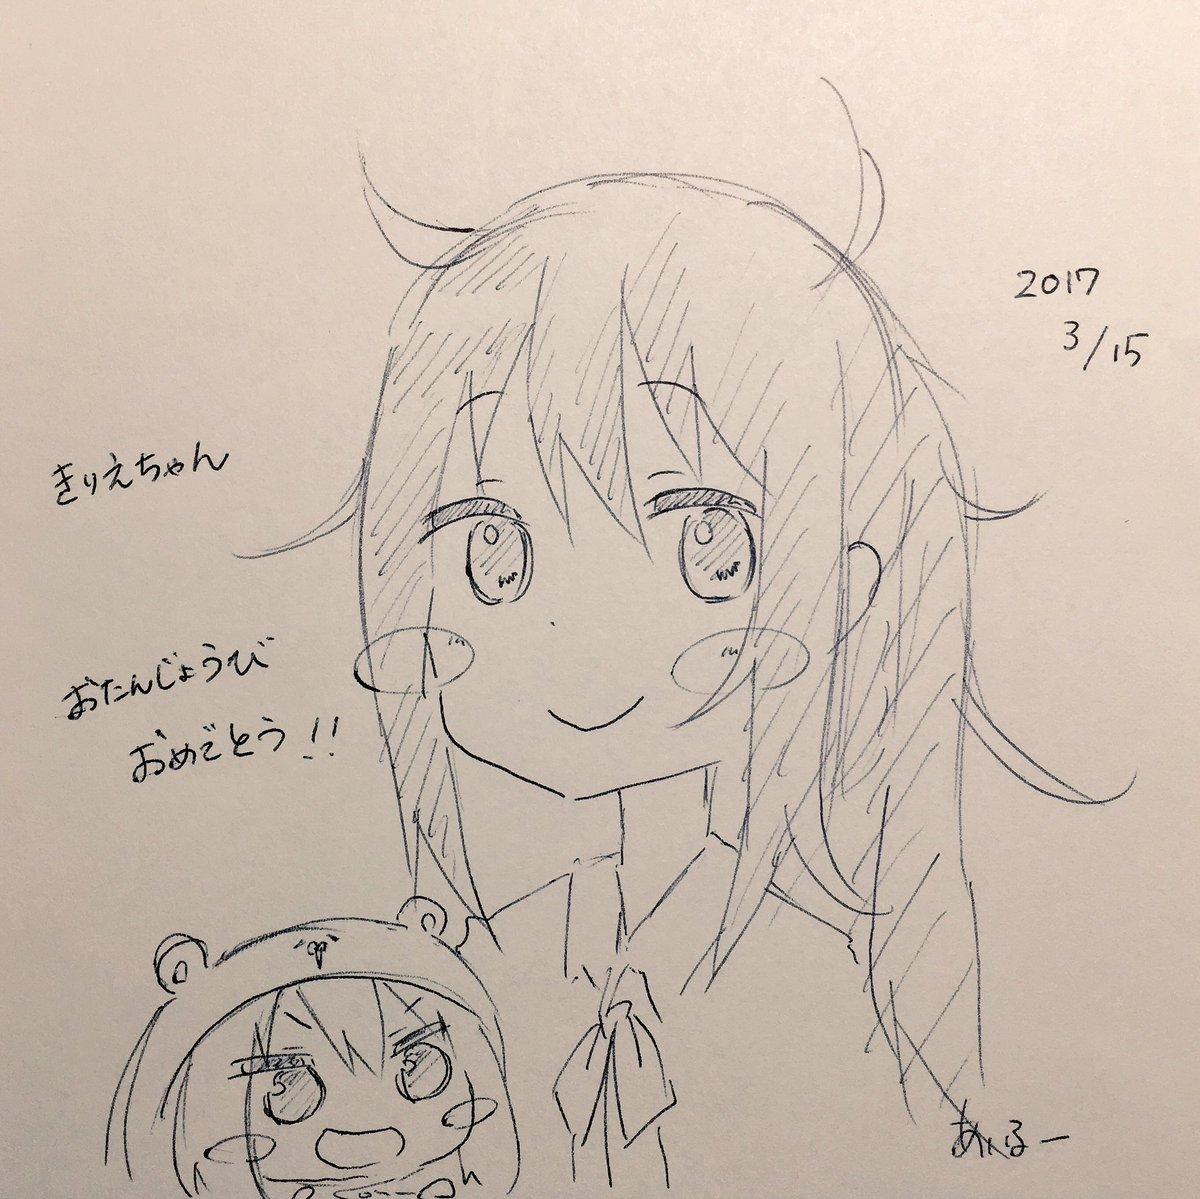 楽しくなってたくさん描いてしまった  きりえちゃんかわいい  #umaru_anime